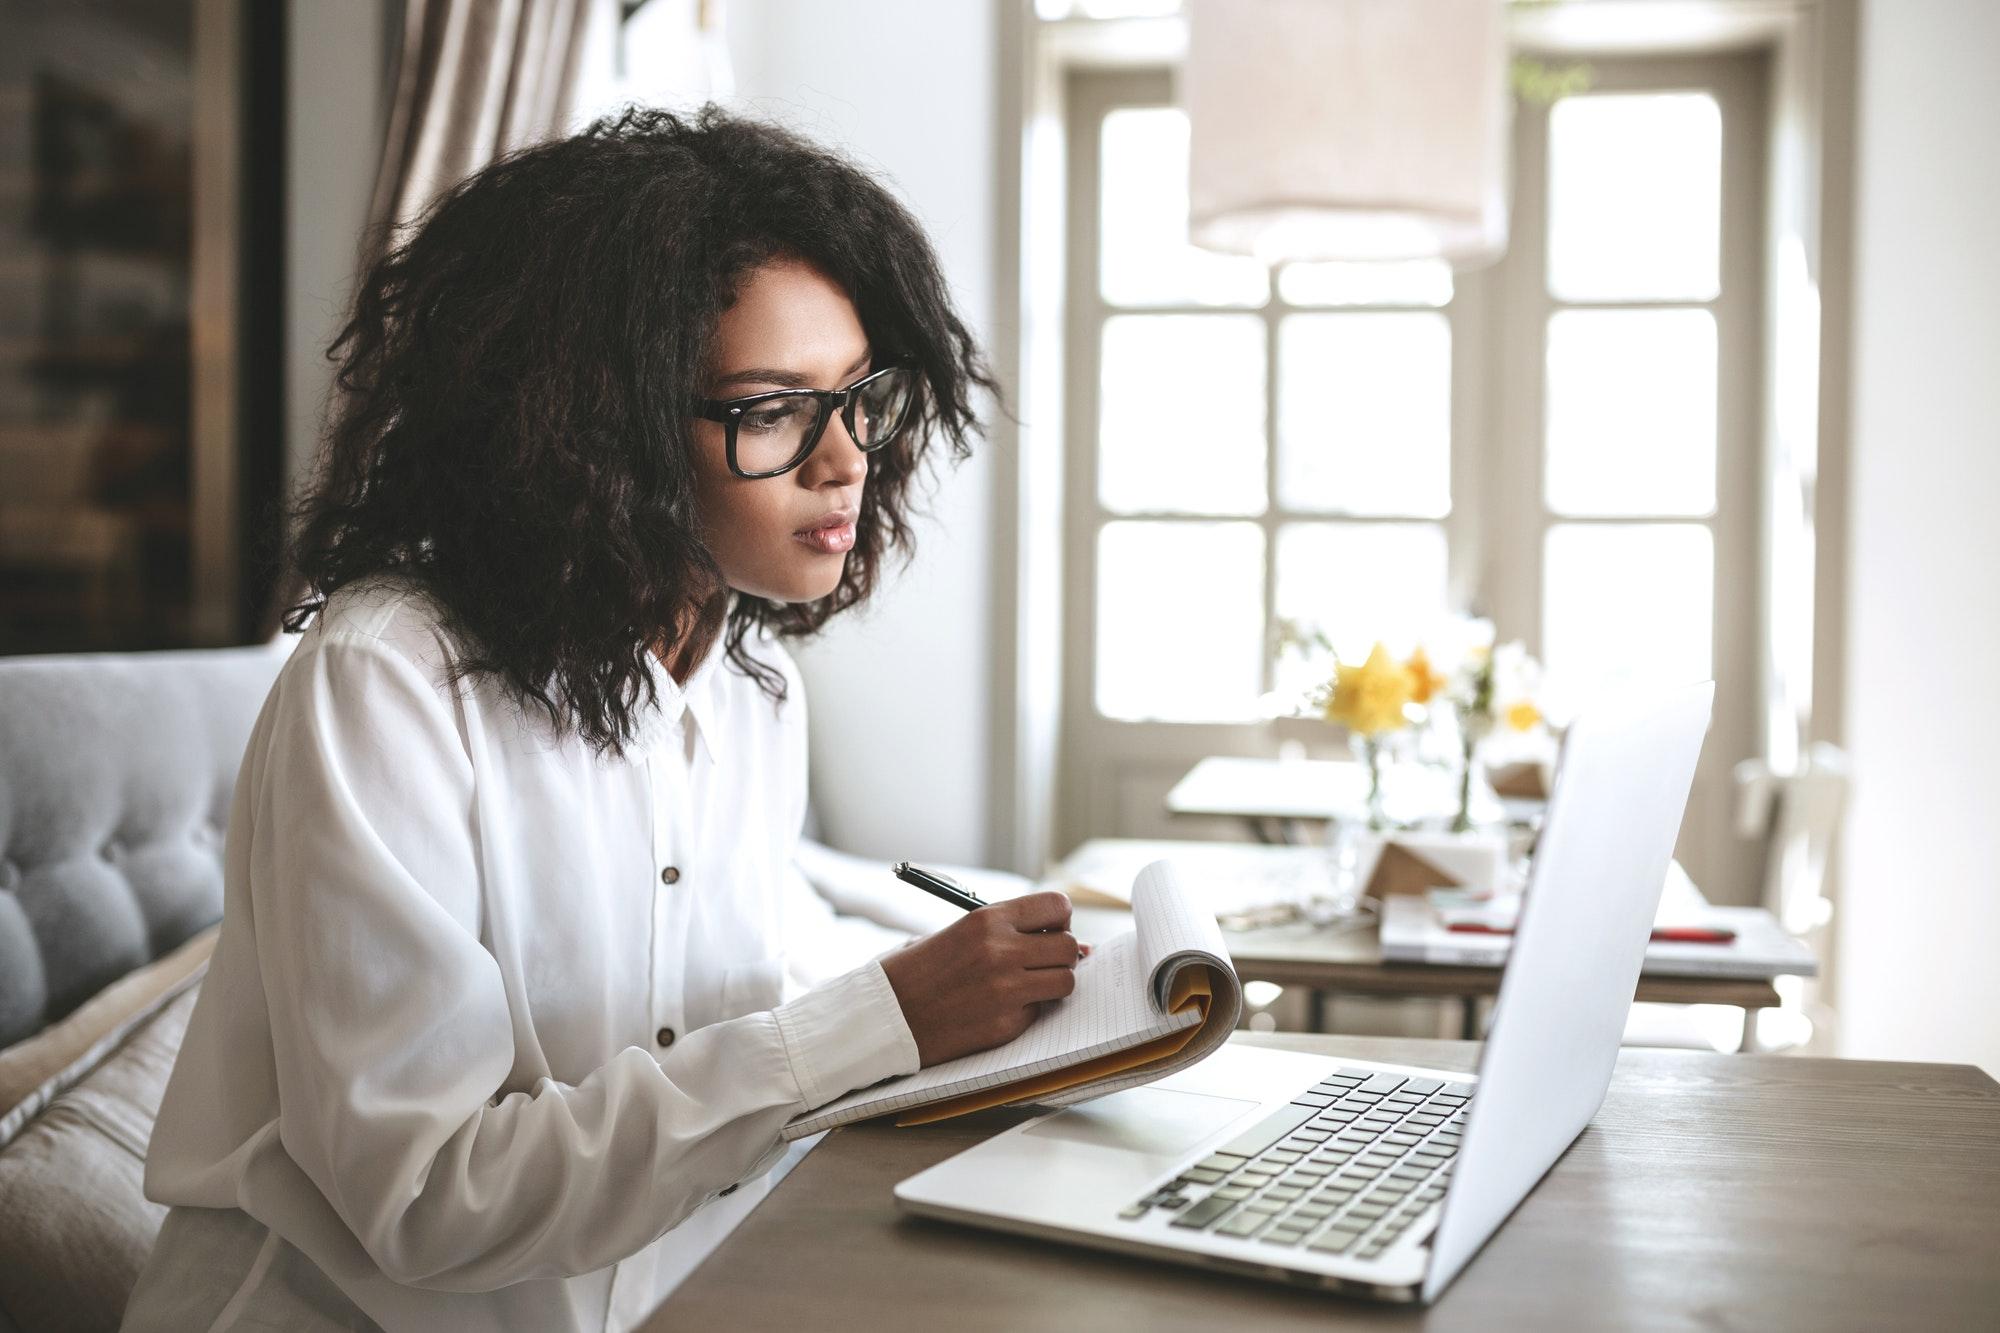 Frau sitzt vor Laptop und schreibt sich Notizen auf